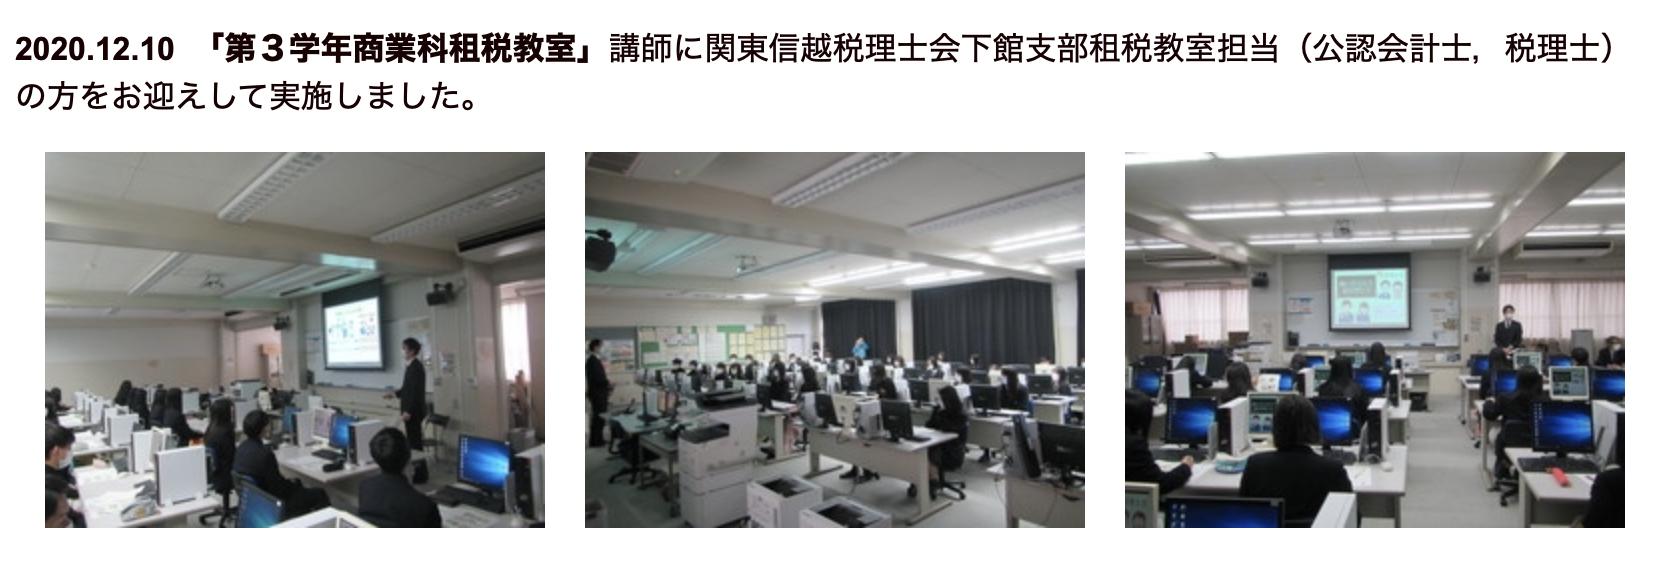 水海道二高租税教室